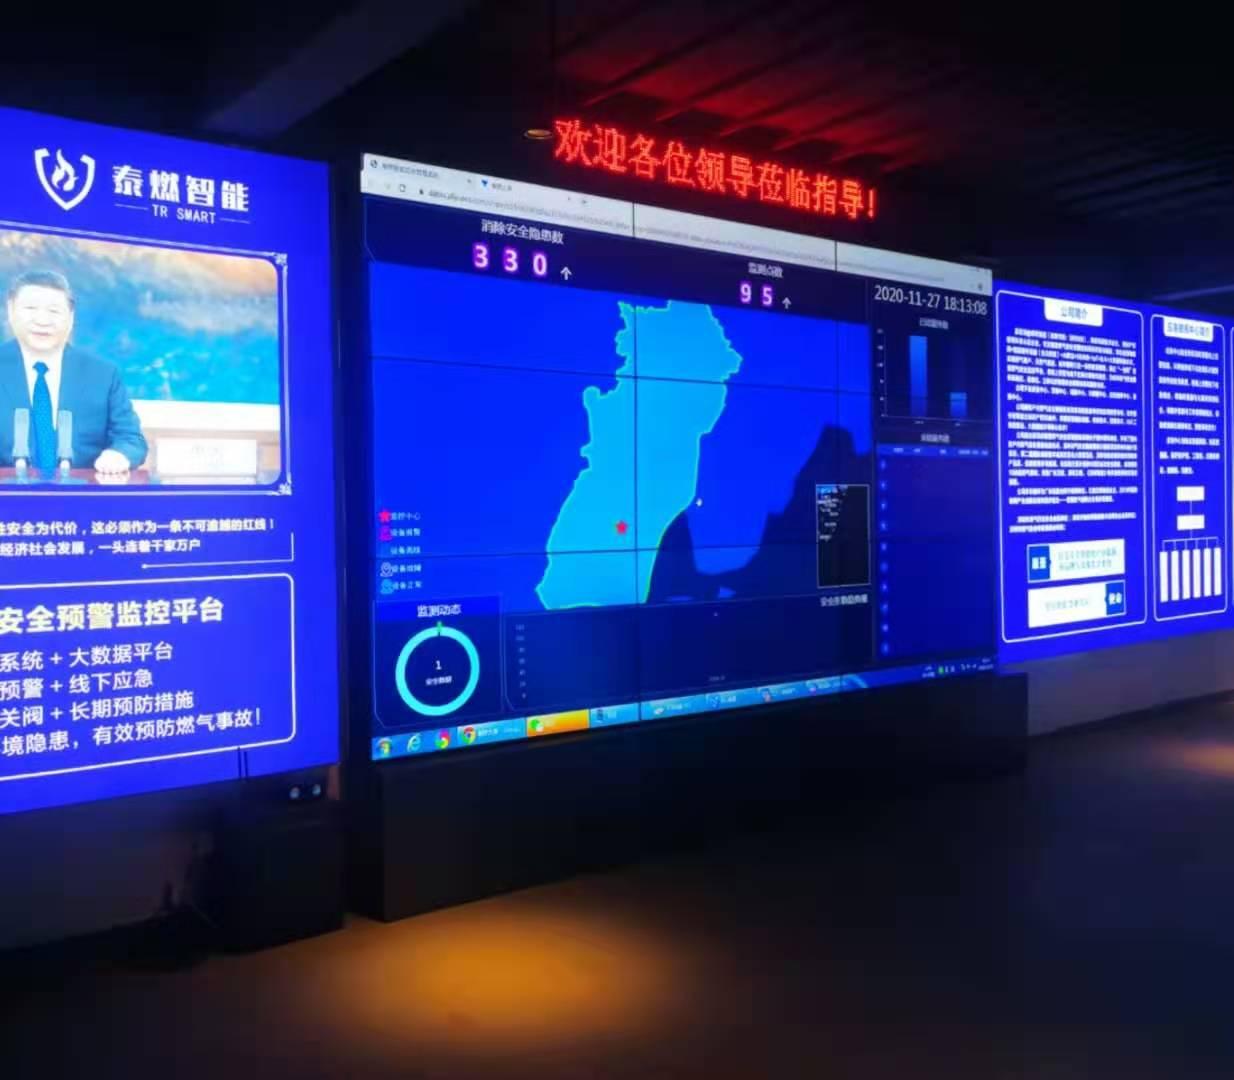 华润燃气与泰燃智能全力开展燃气安全领域合作